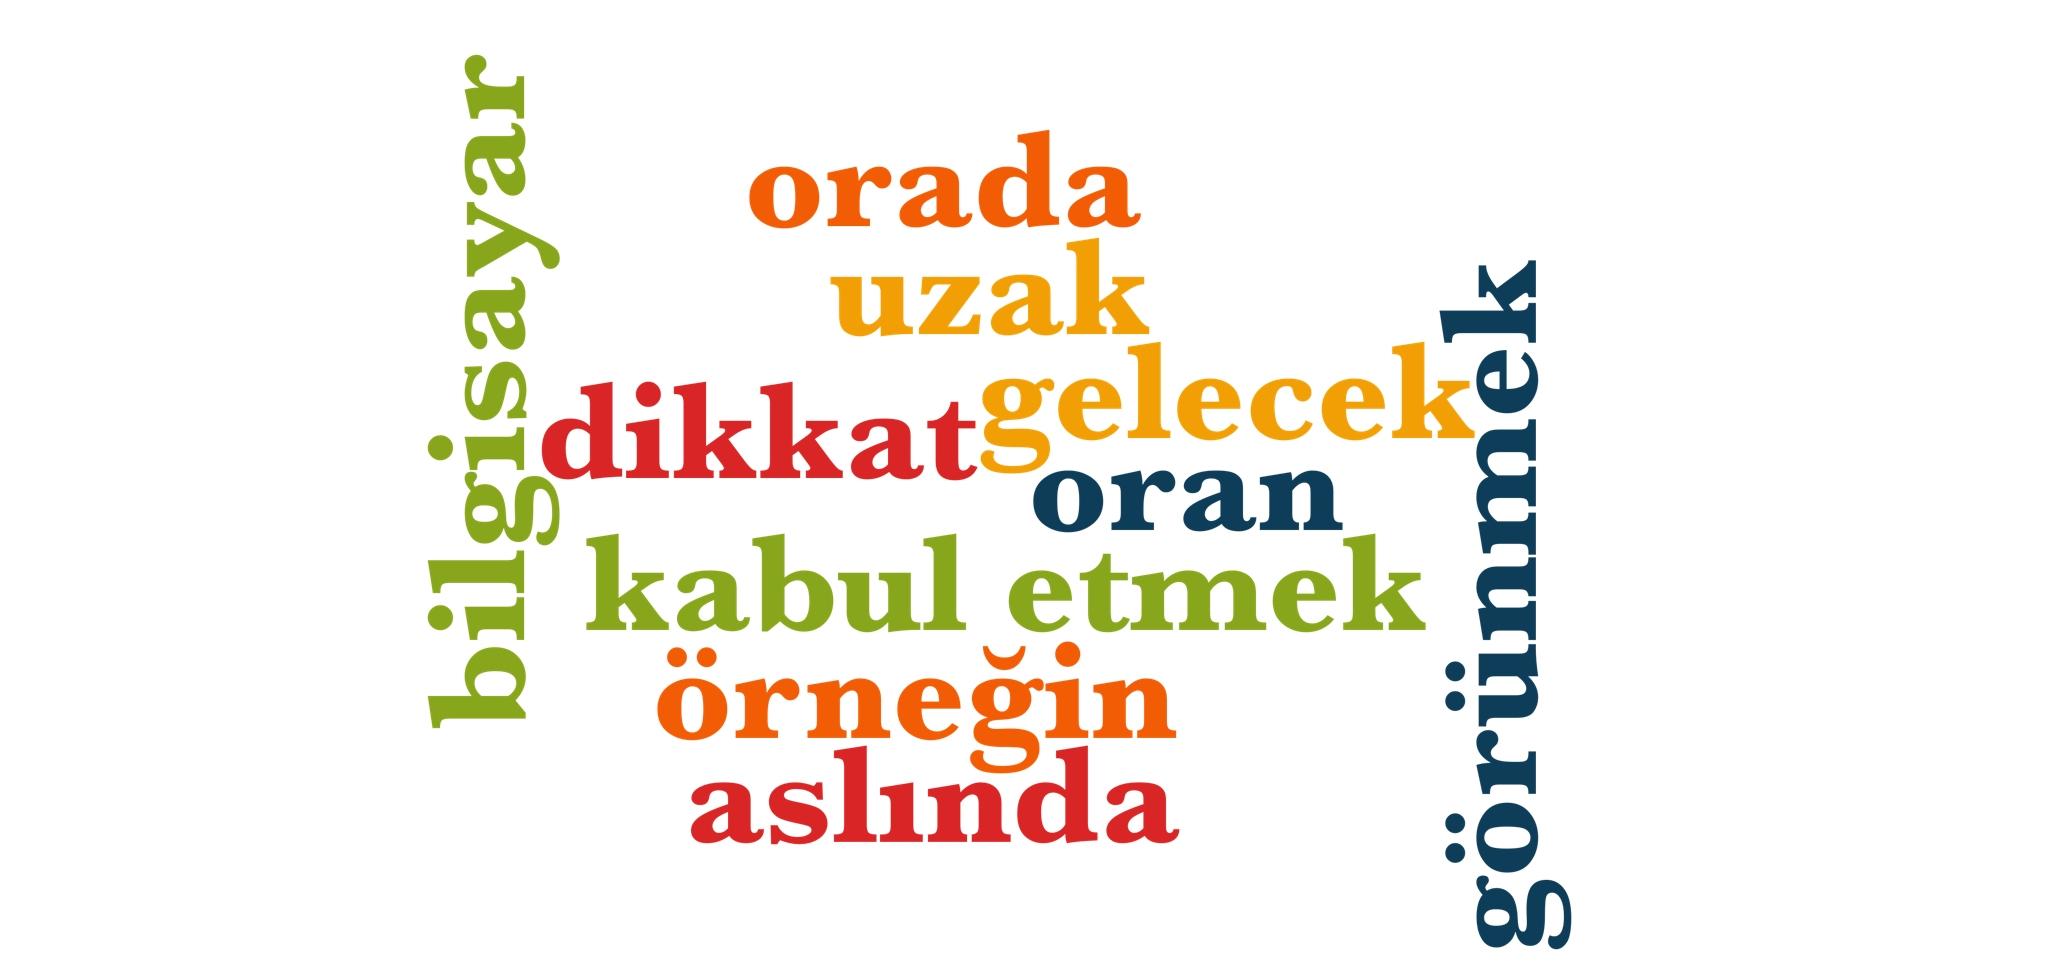 Wörter 331 bis 340 der 1000 häufigsten Wörter der türkischen Sprache